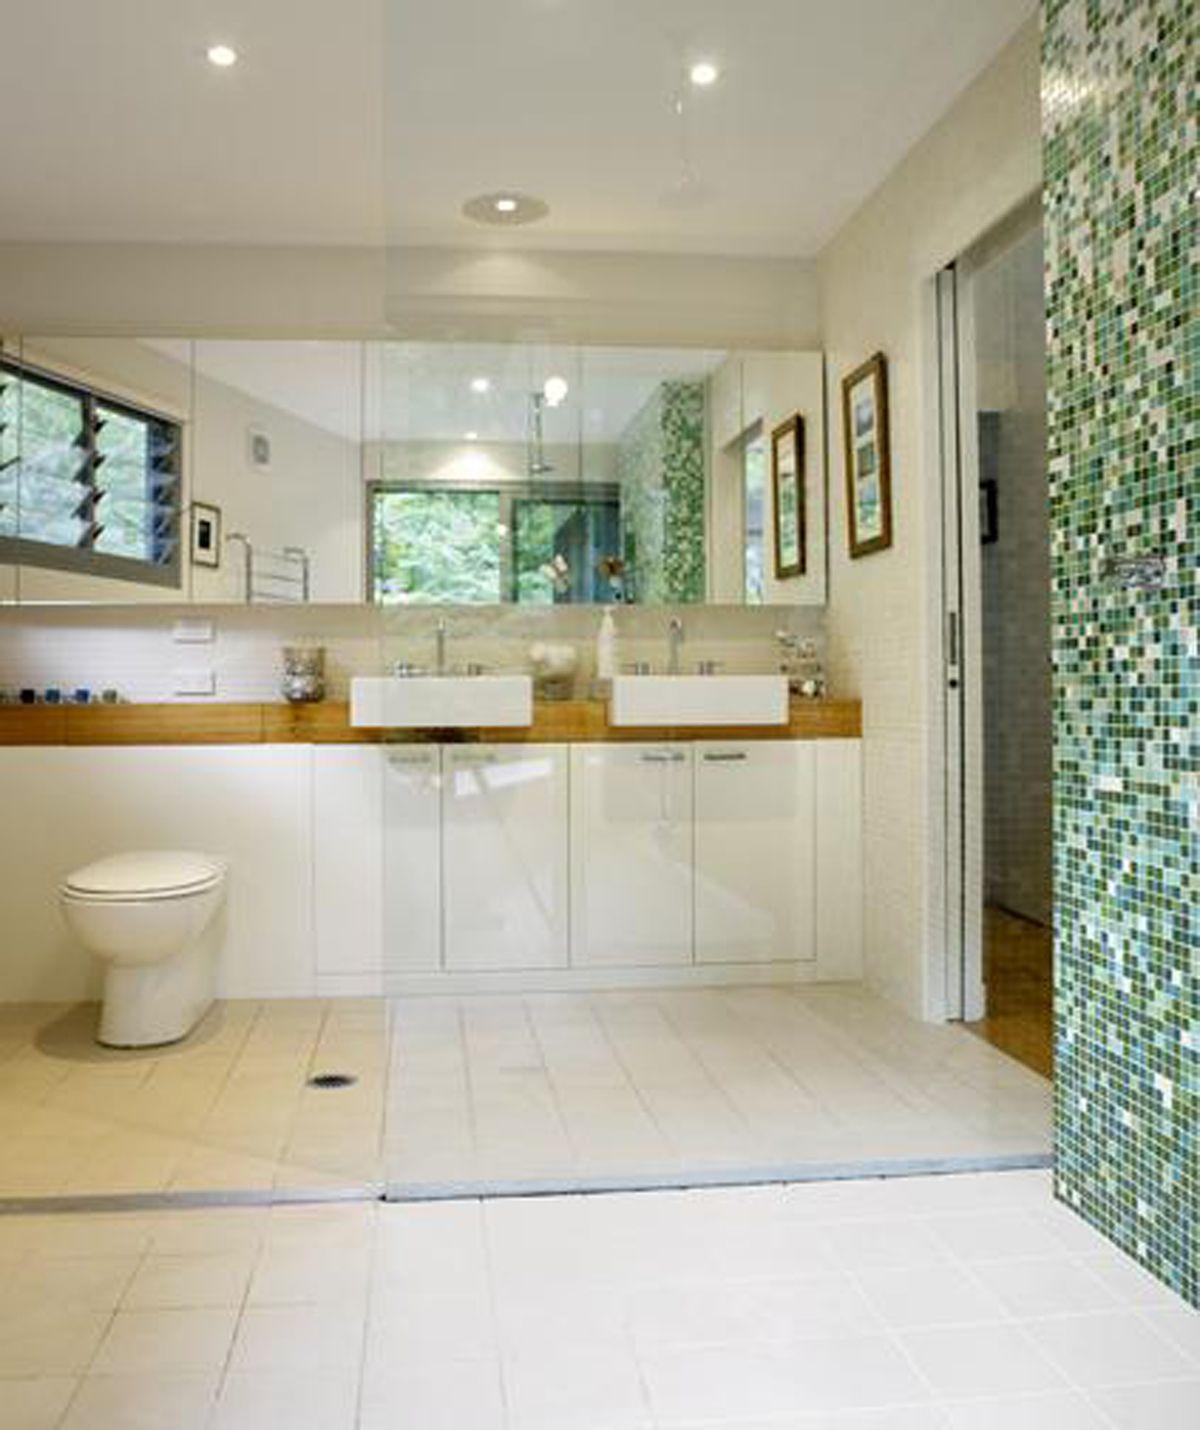 small bathroom decorating ideas | bathroom decor ideas for small ...